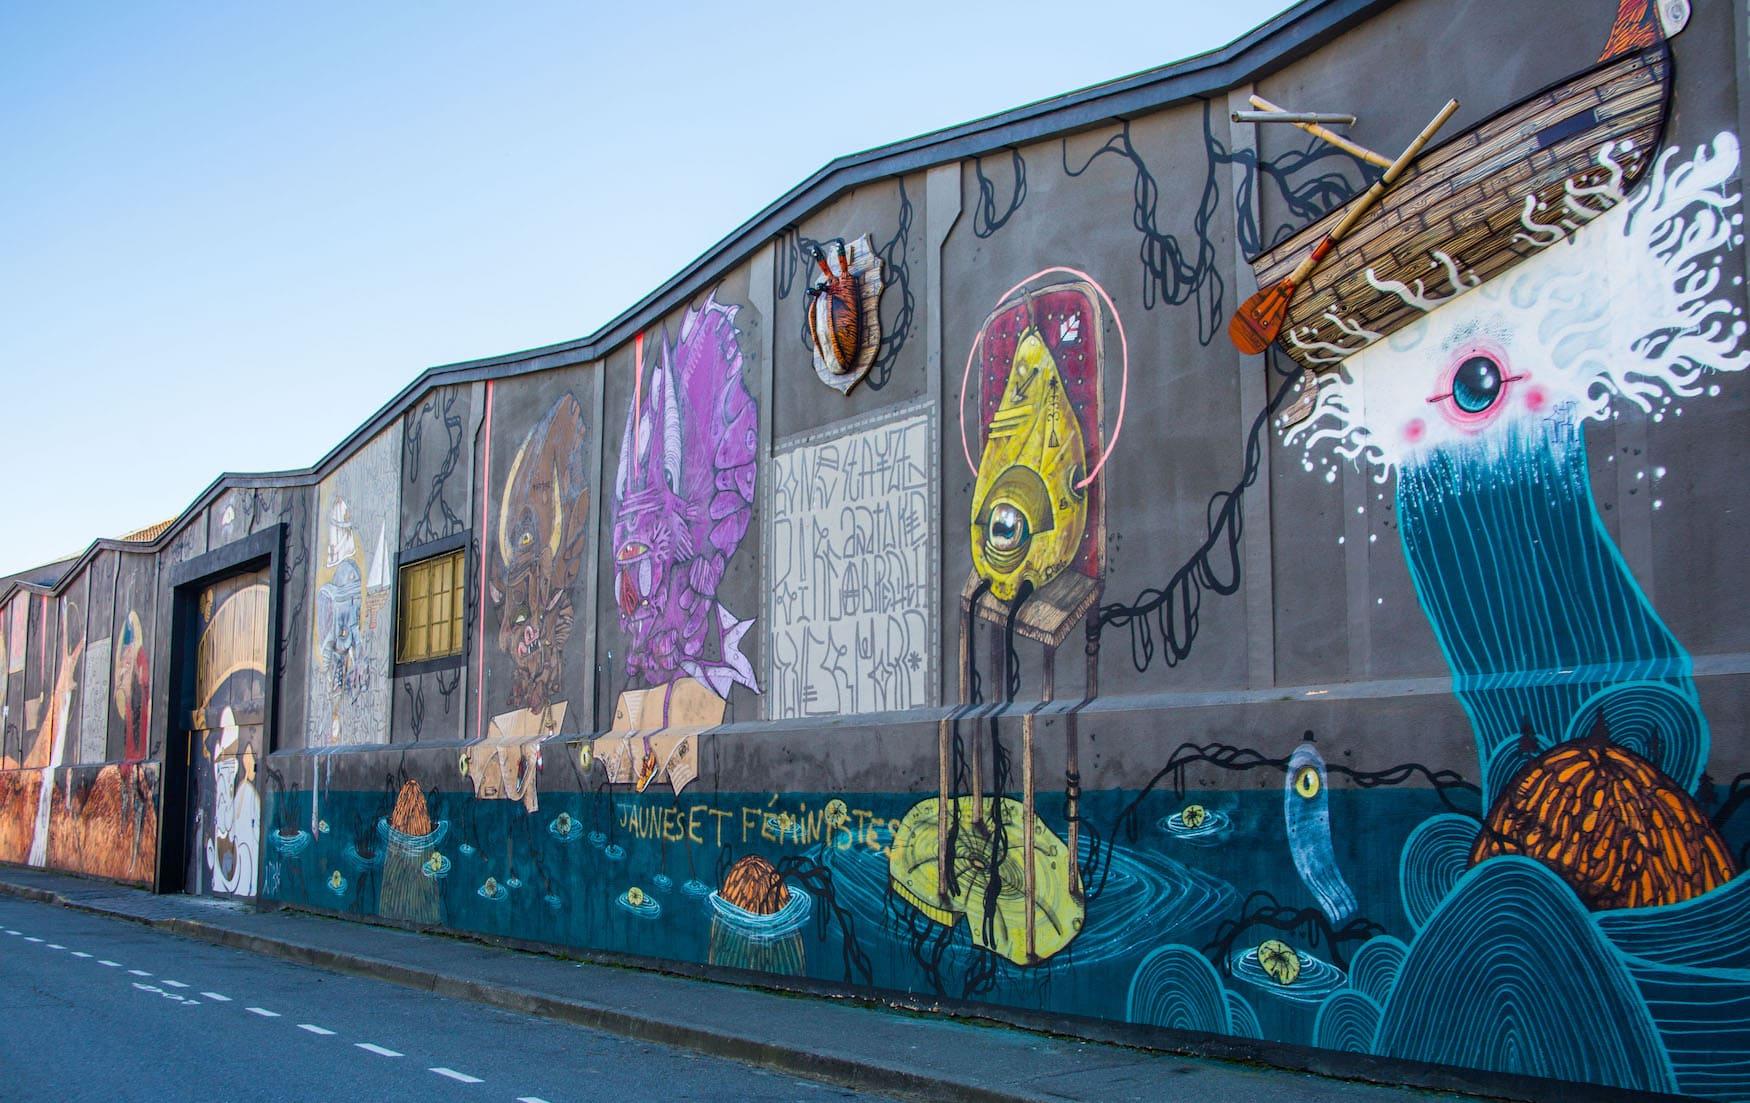 Street-Art des Künstlers 100Taur